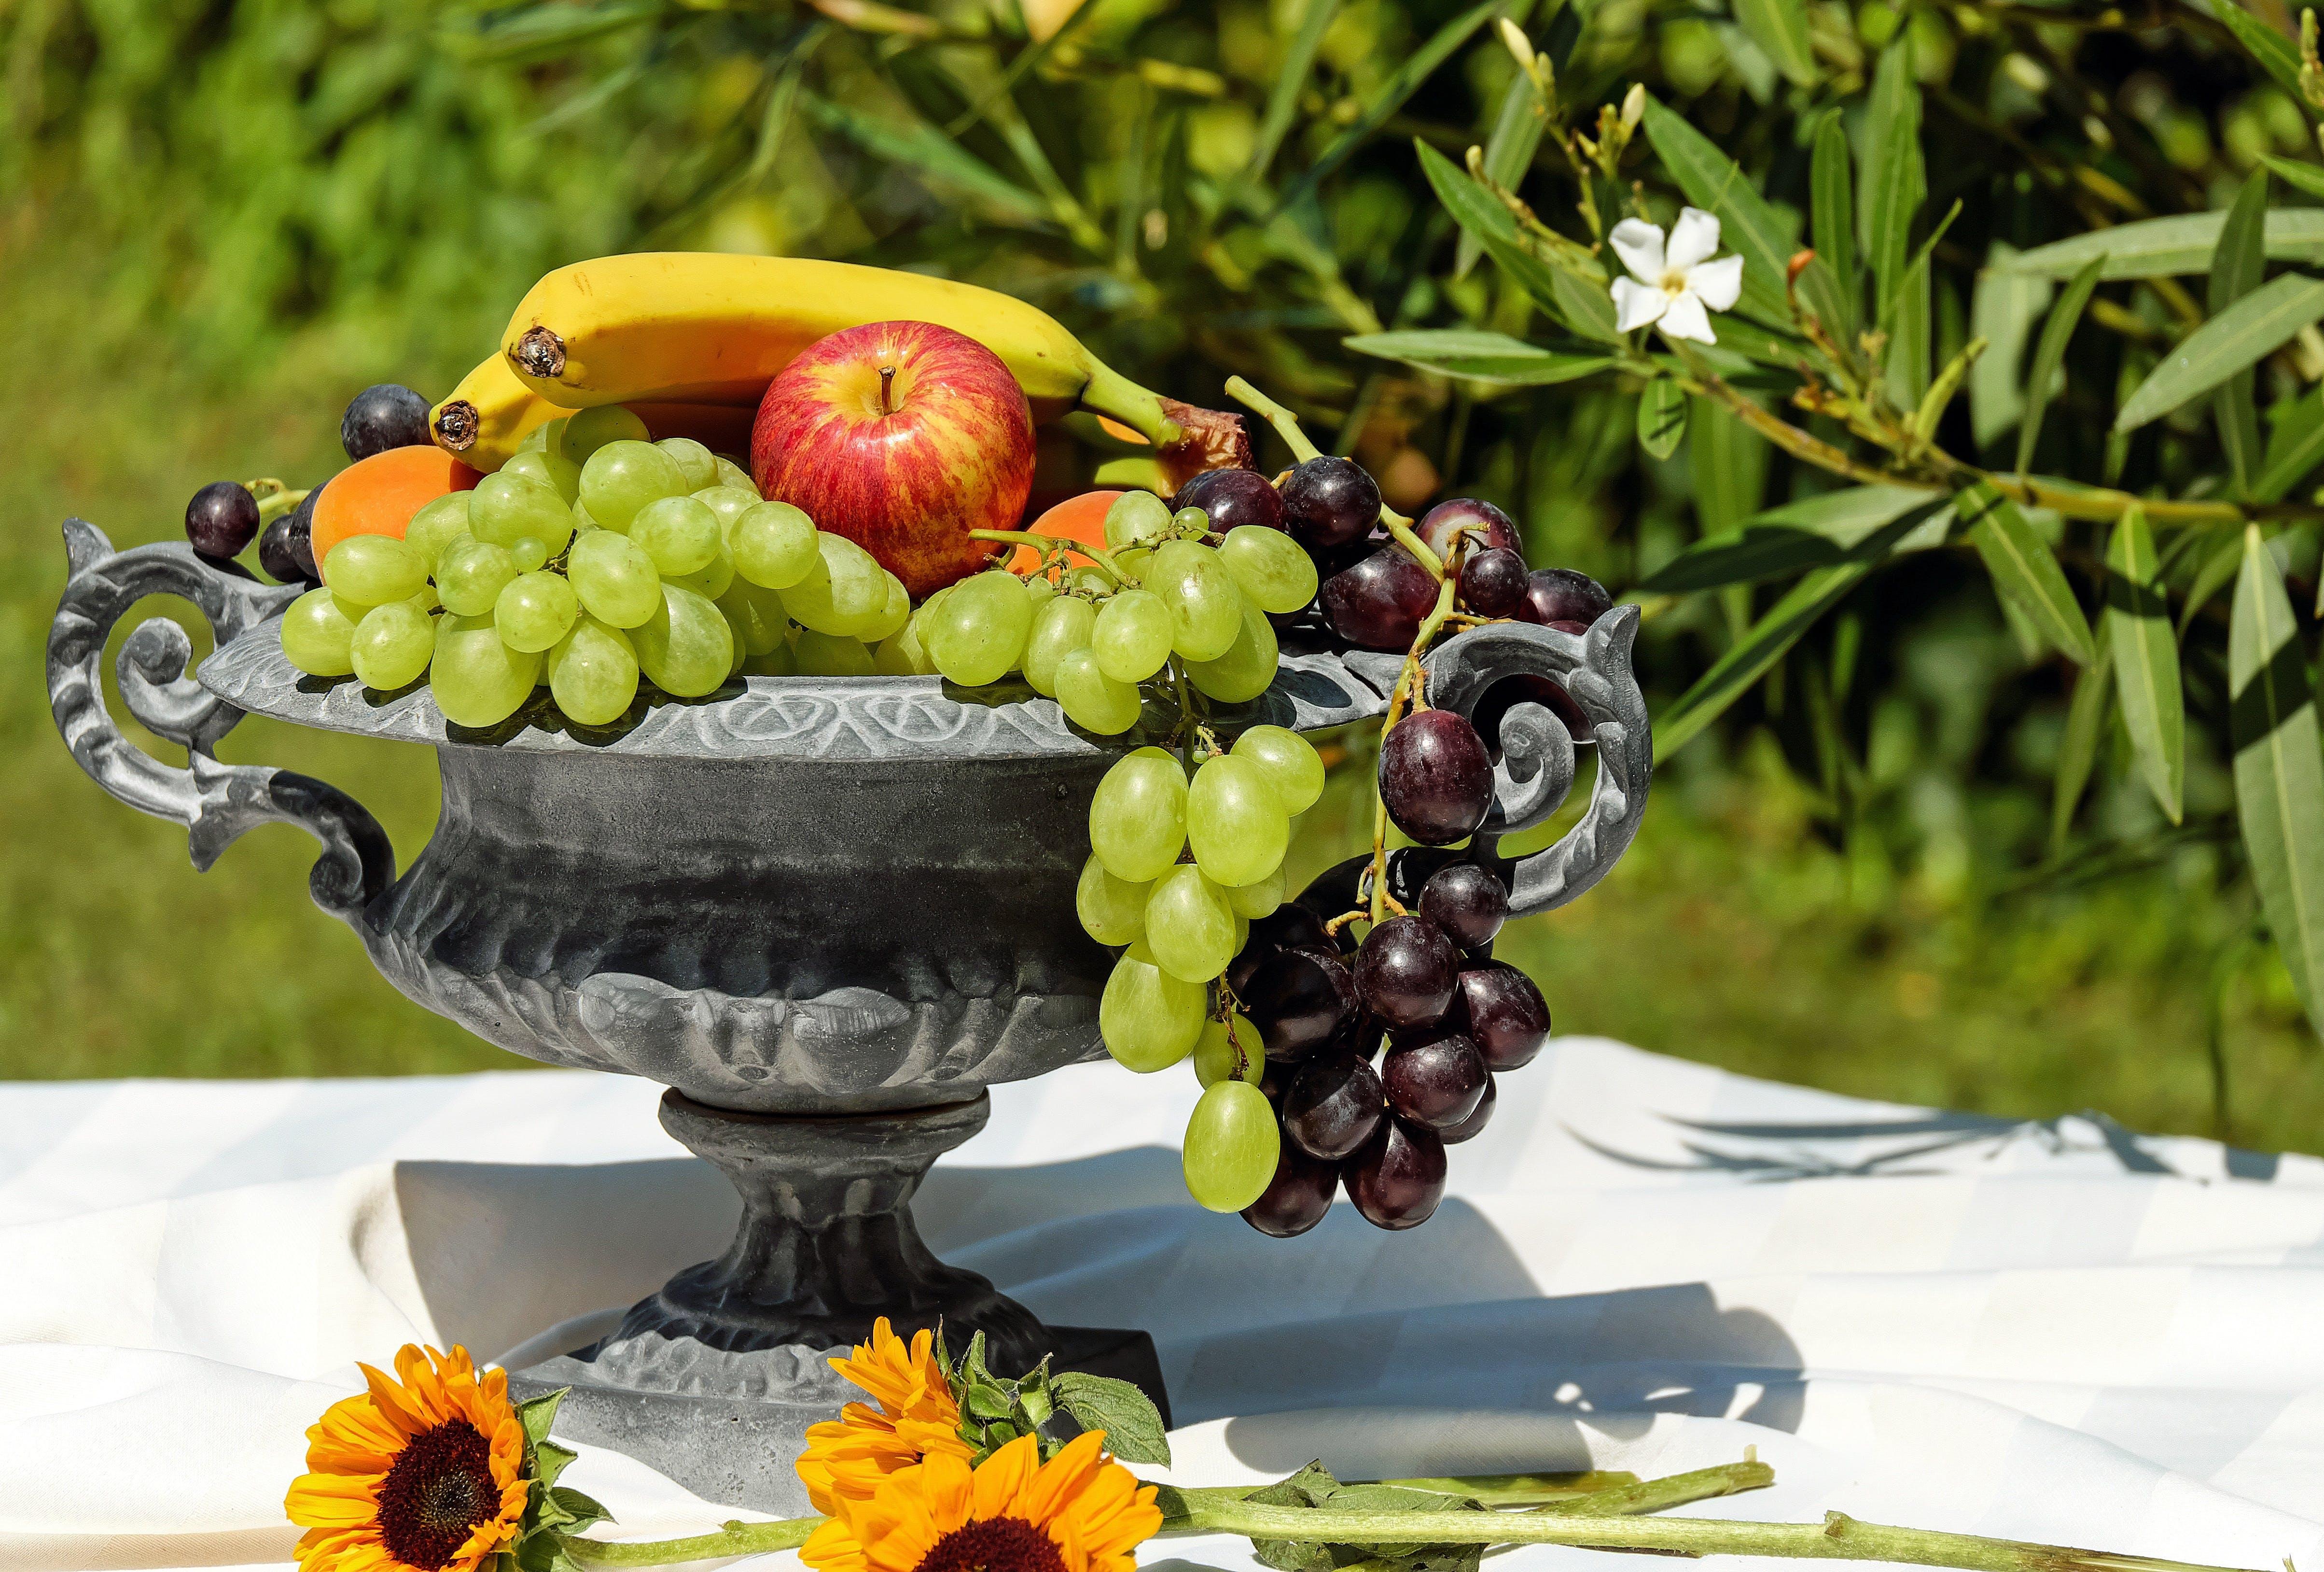 Free stock photo of food, fruit, fruit bowl, fruits